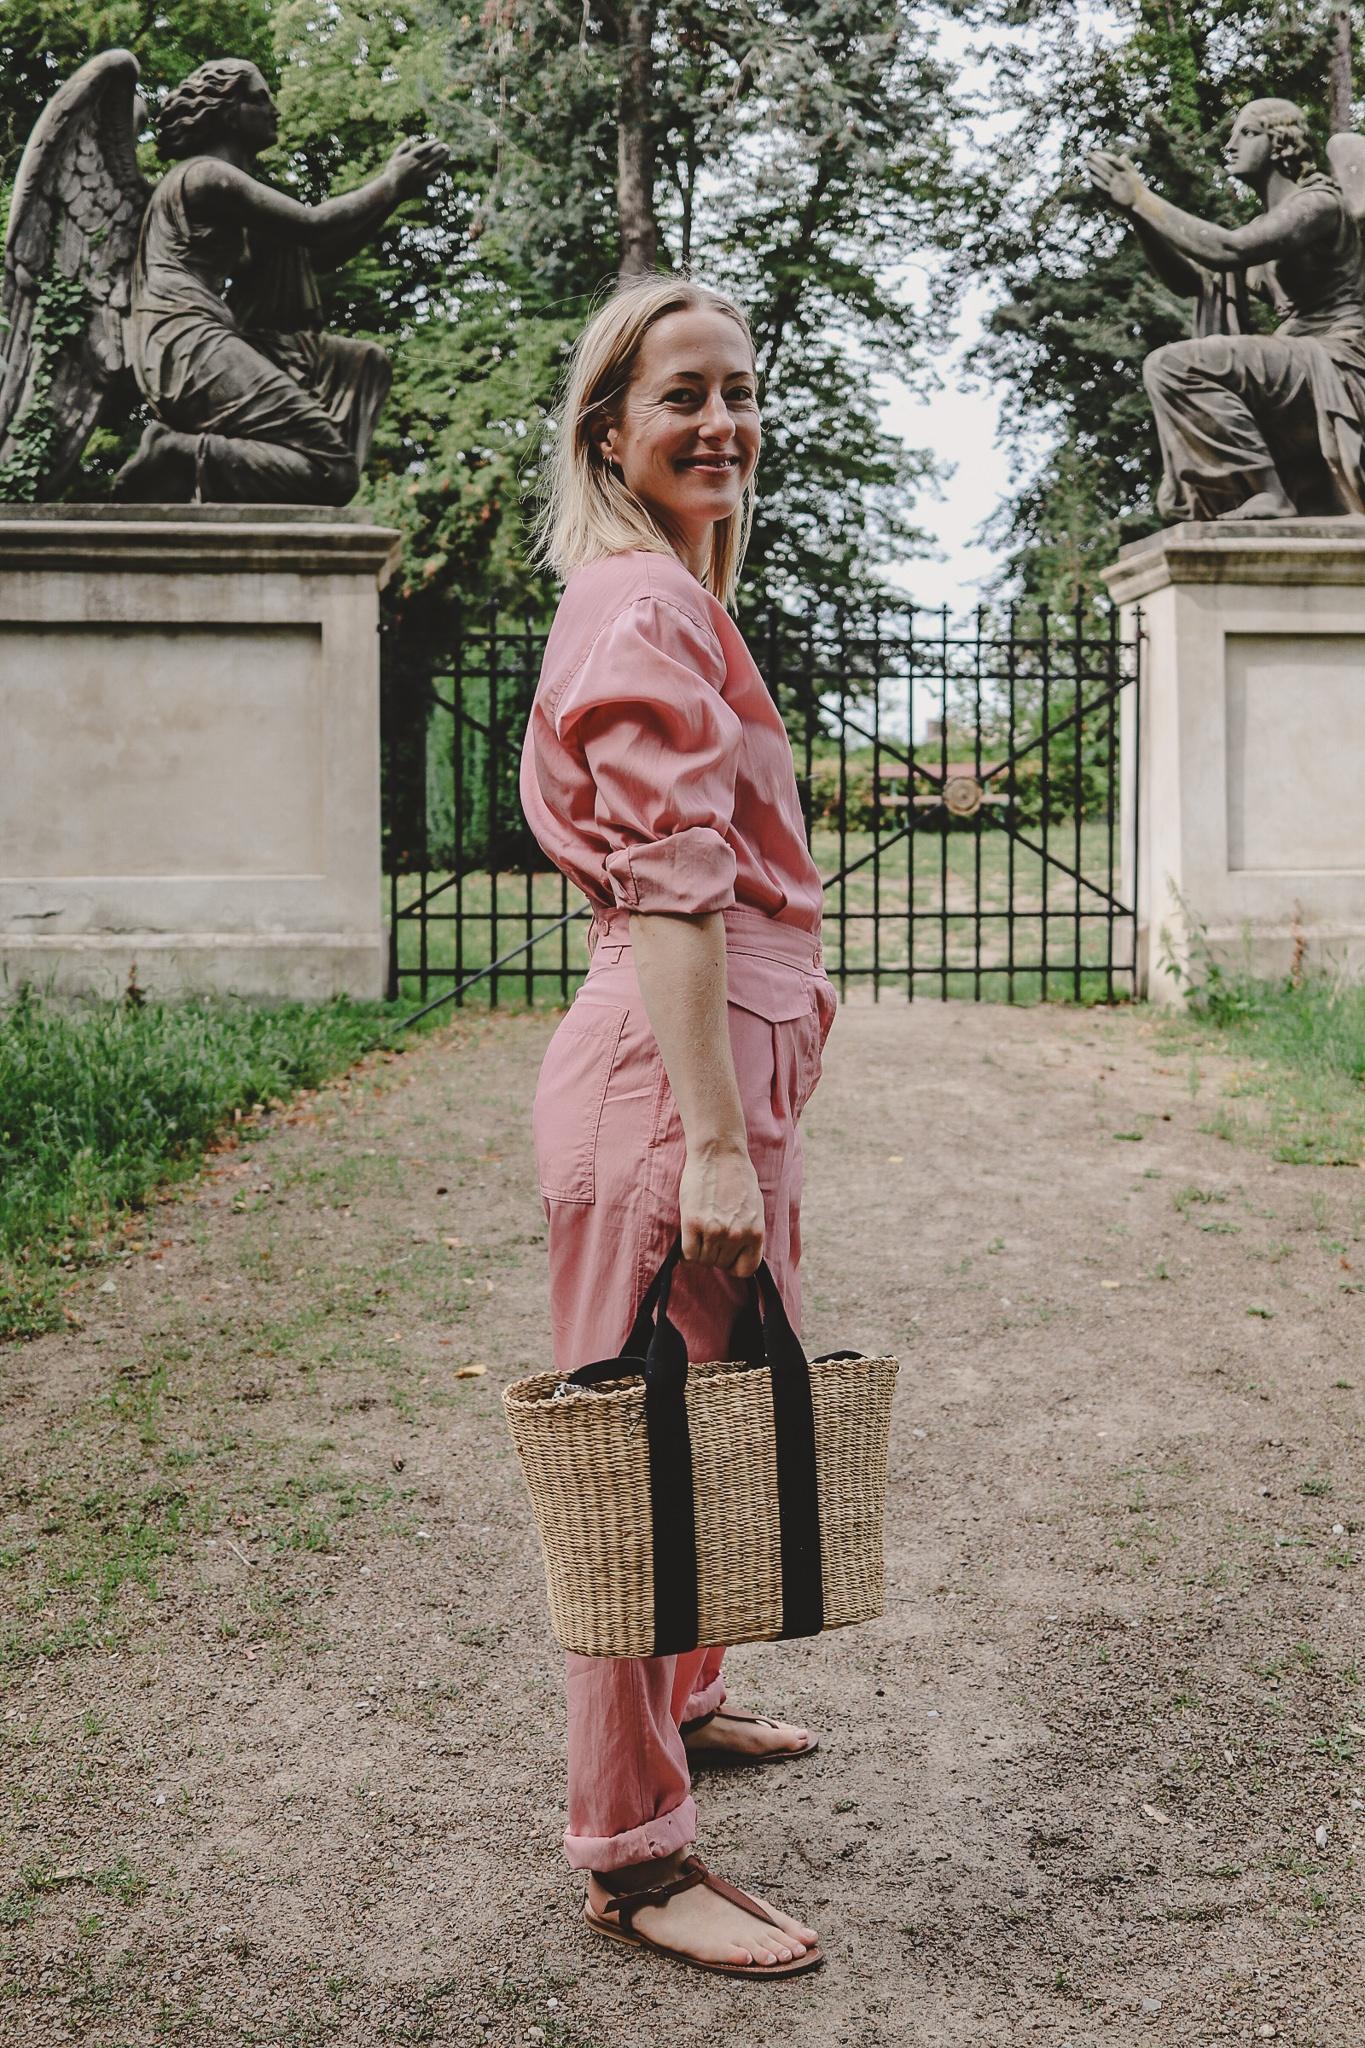 Mode in der Provinz: der pinke Boiler Suit